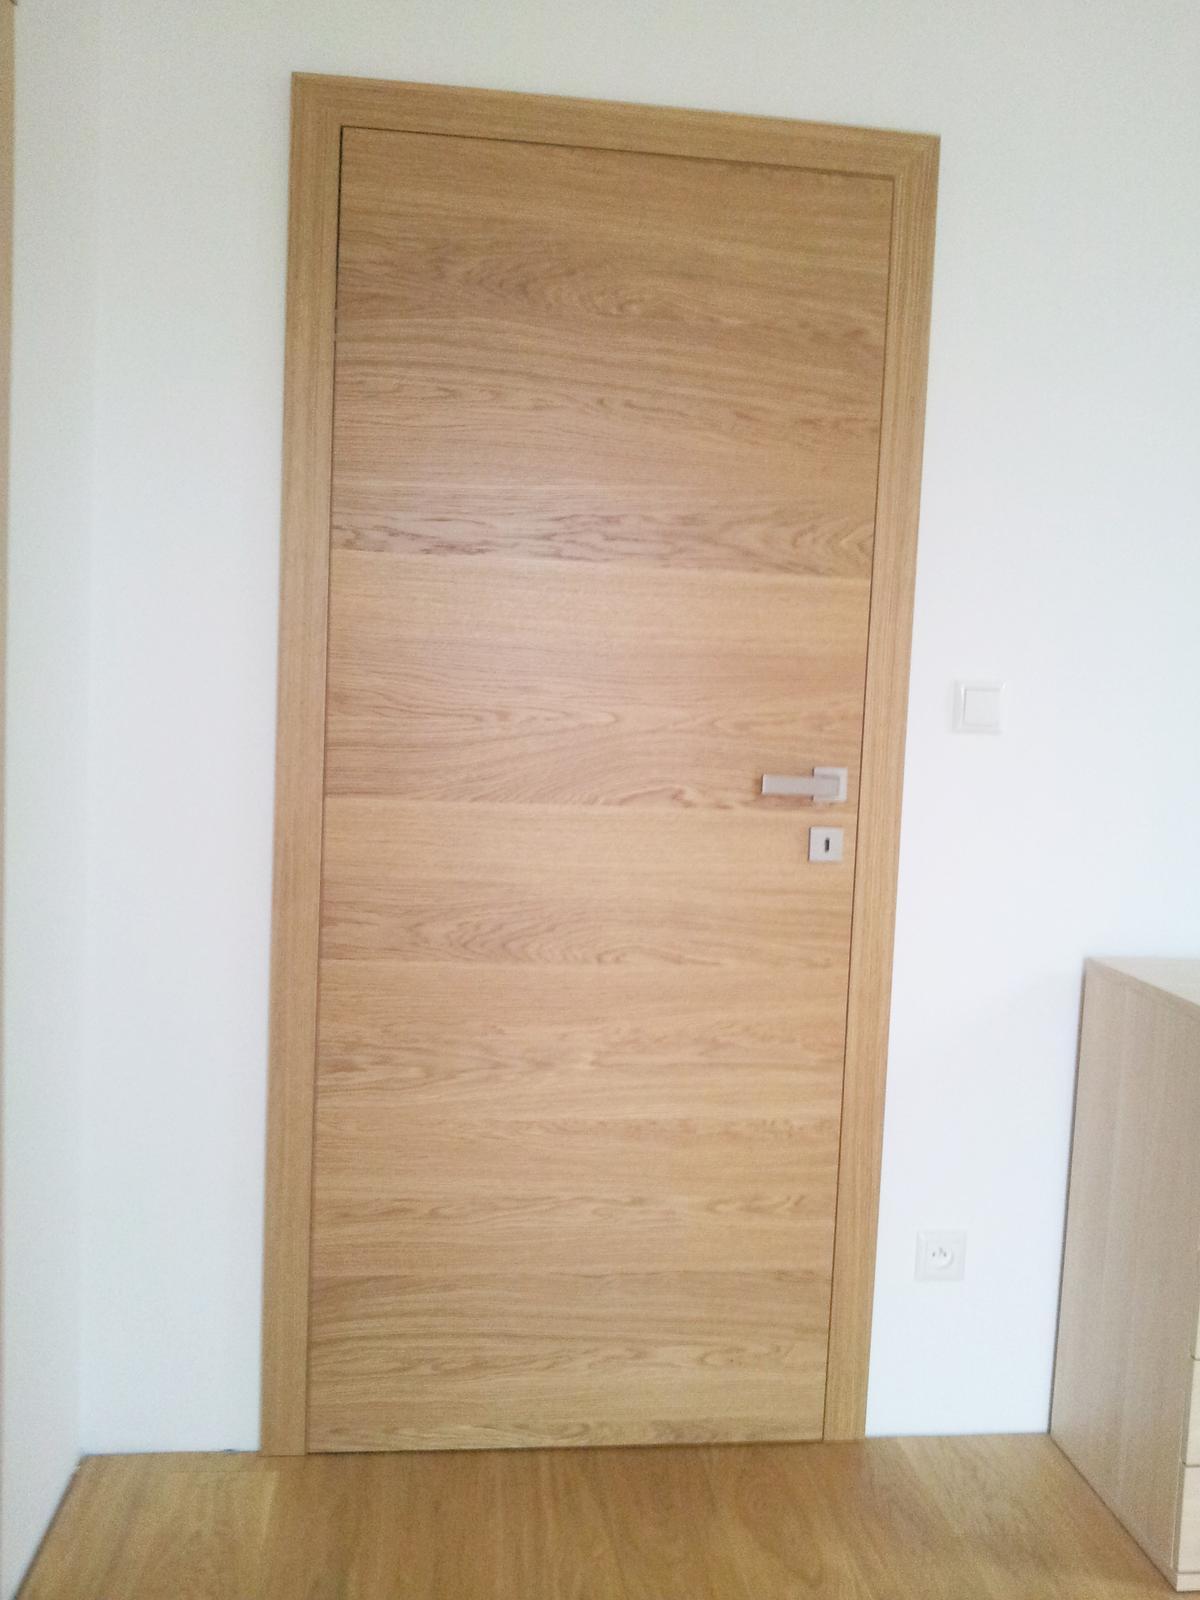 Dizajn a výroba nábytku na mieru Cubica - Bezfalcové interiérové dvere - dub prírodný - dizajn a výroba cubica